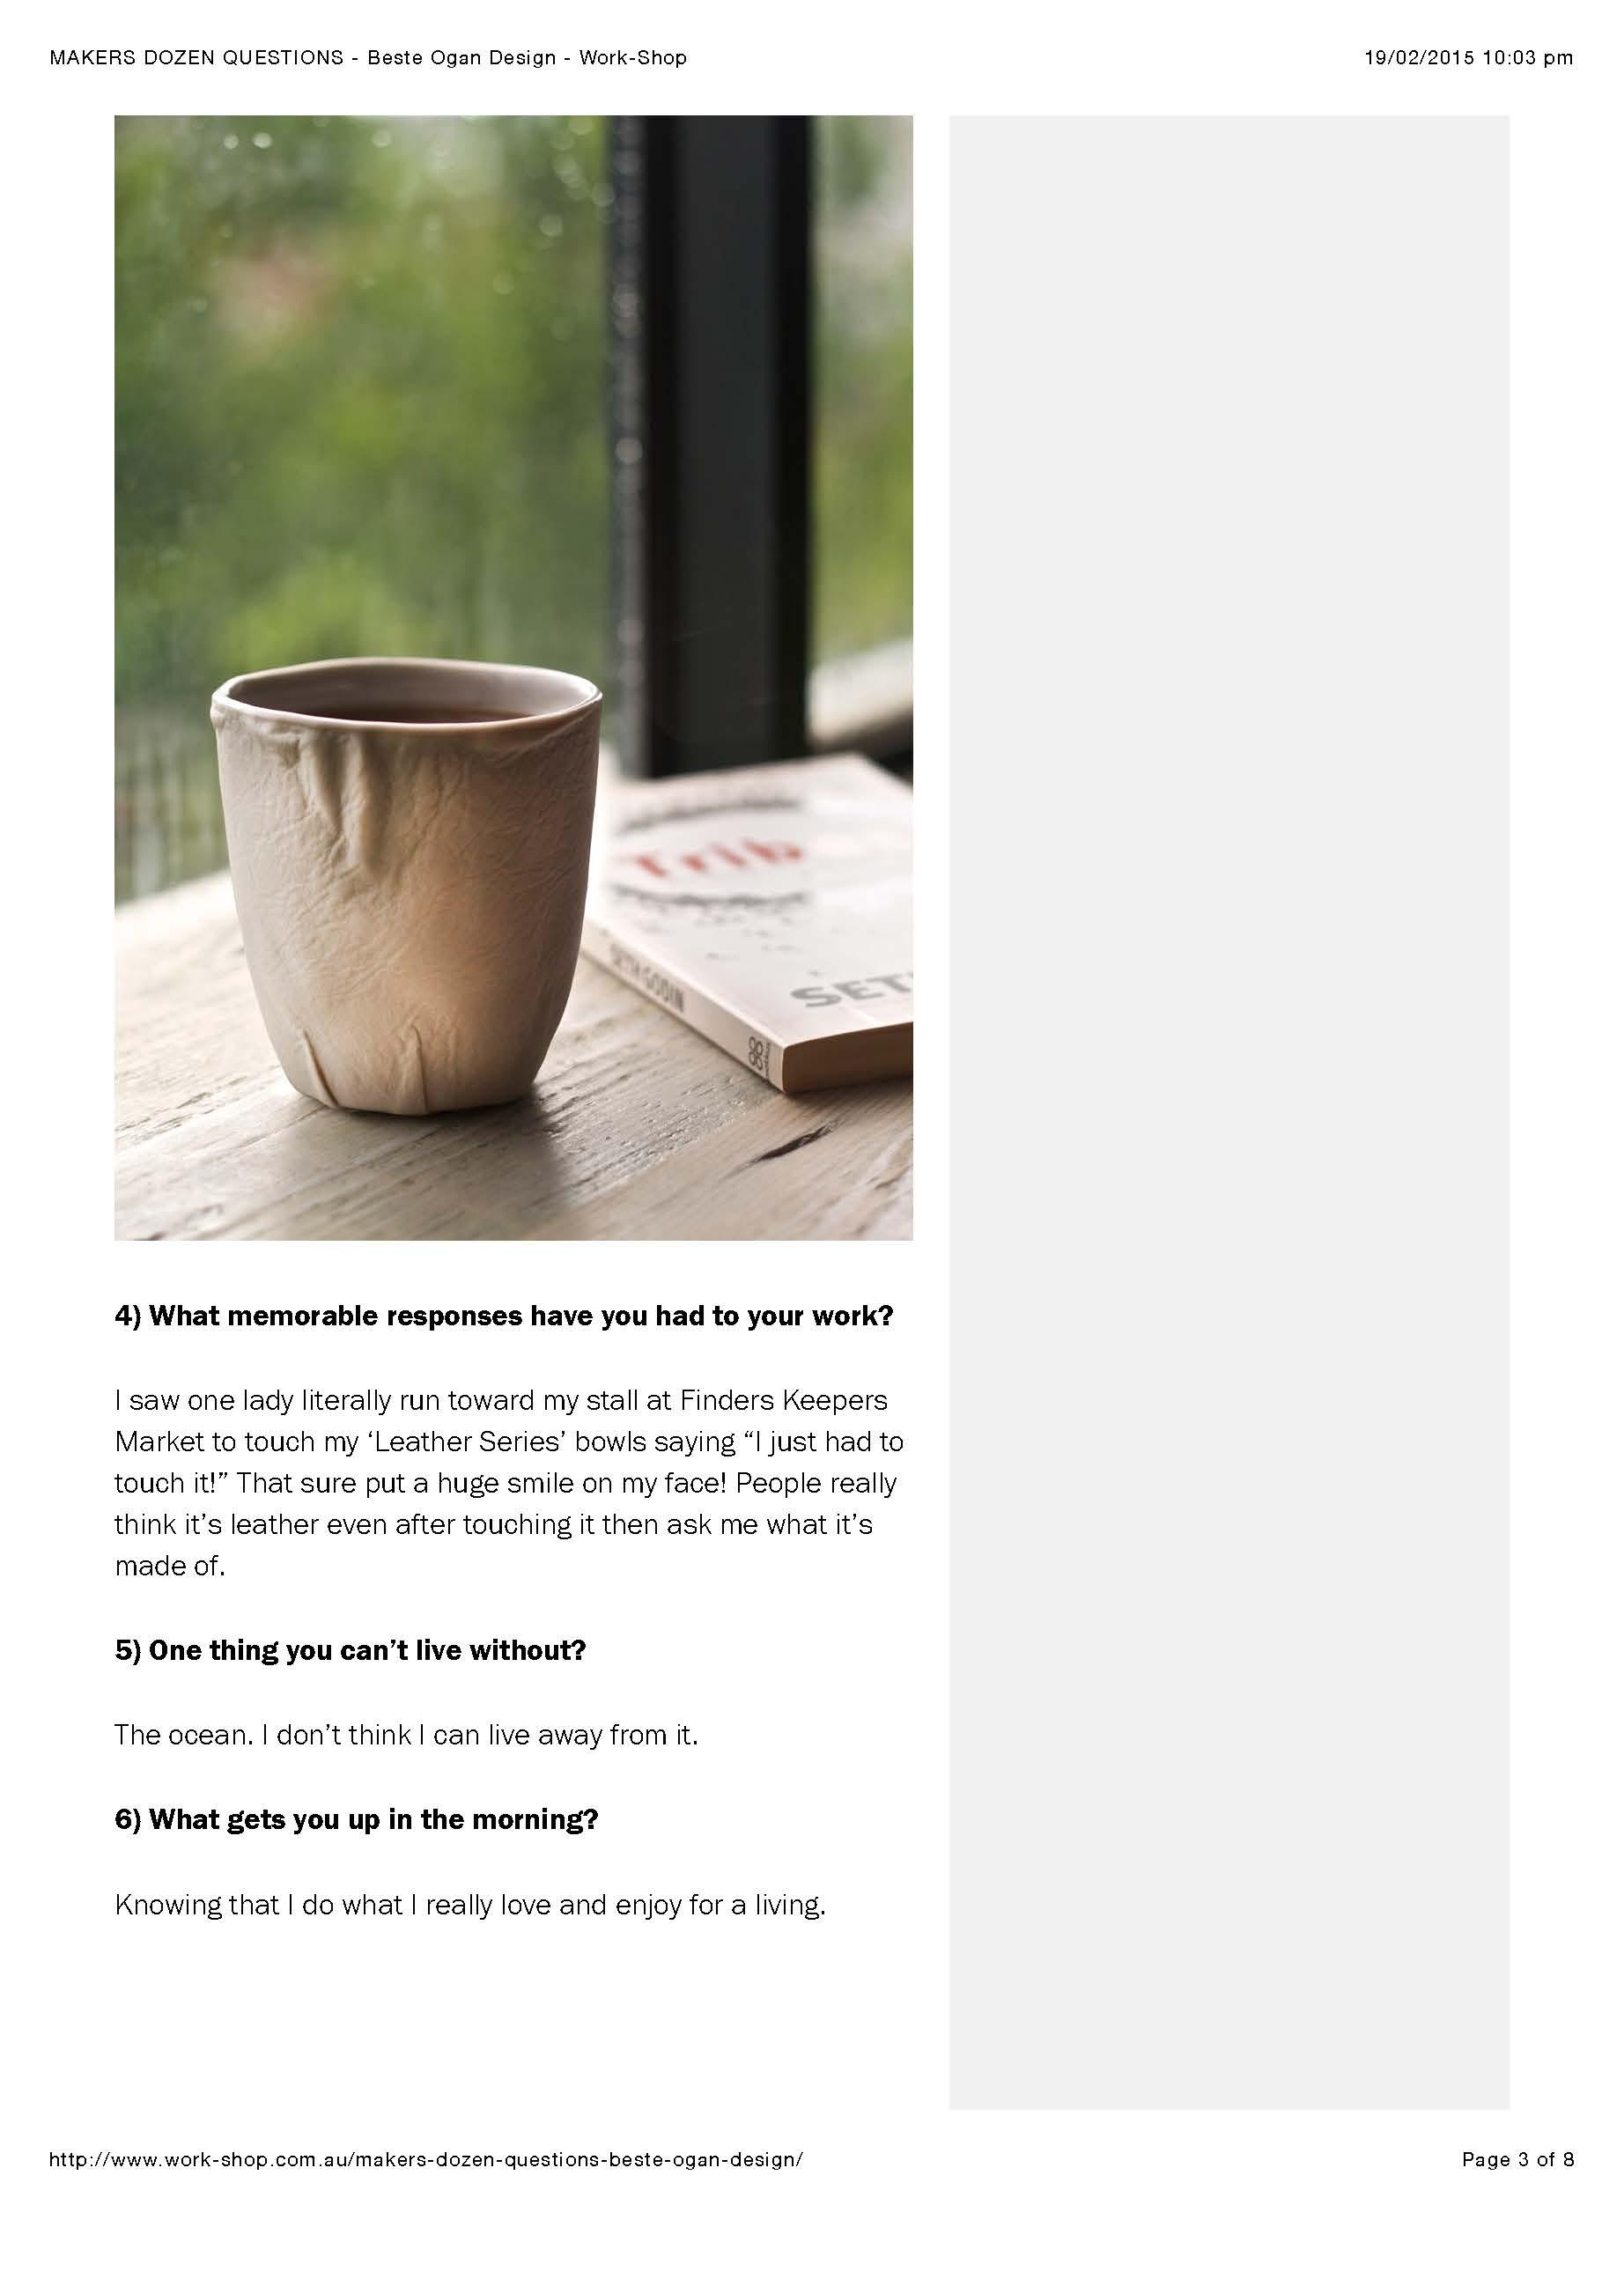 Makers Dozen Questions - Beste Ogan Design 3.jpg